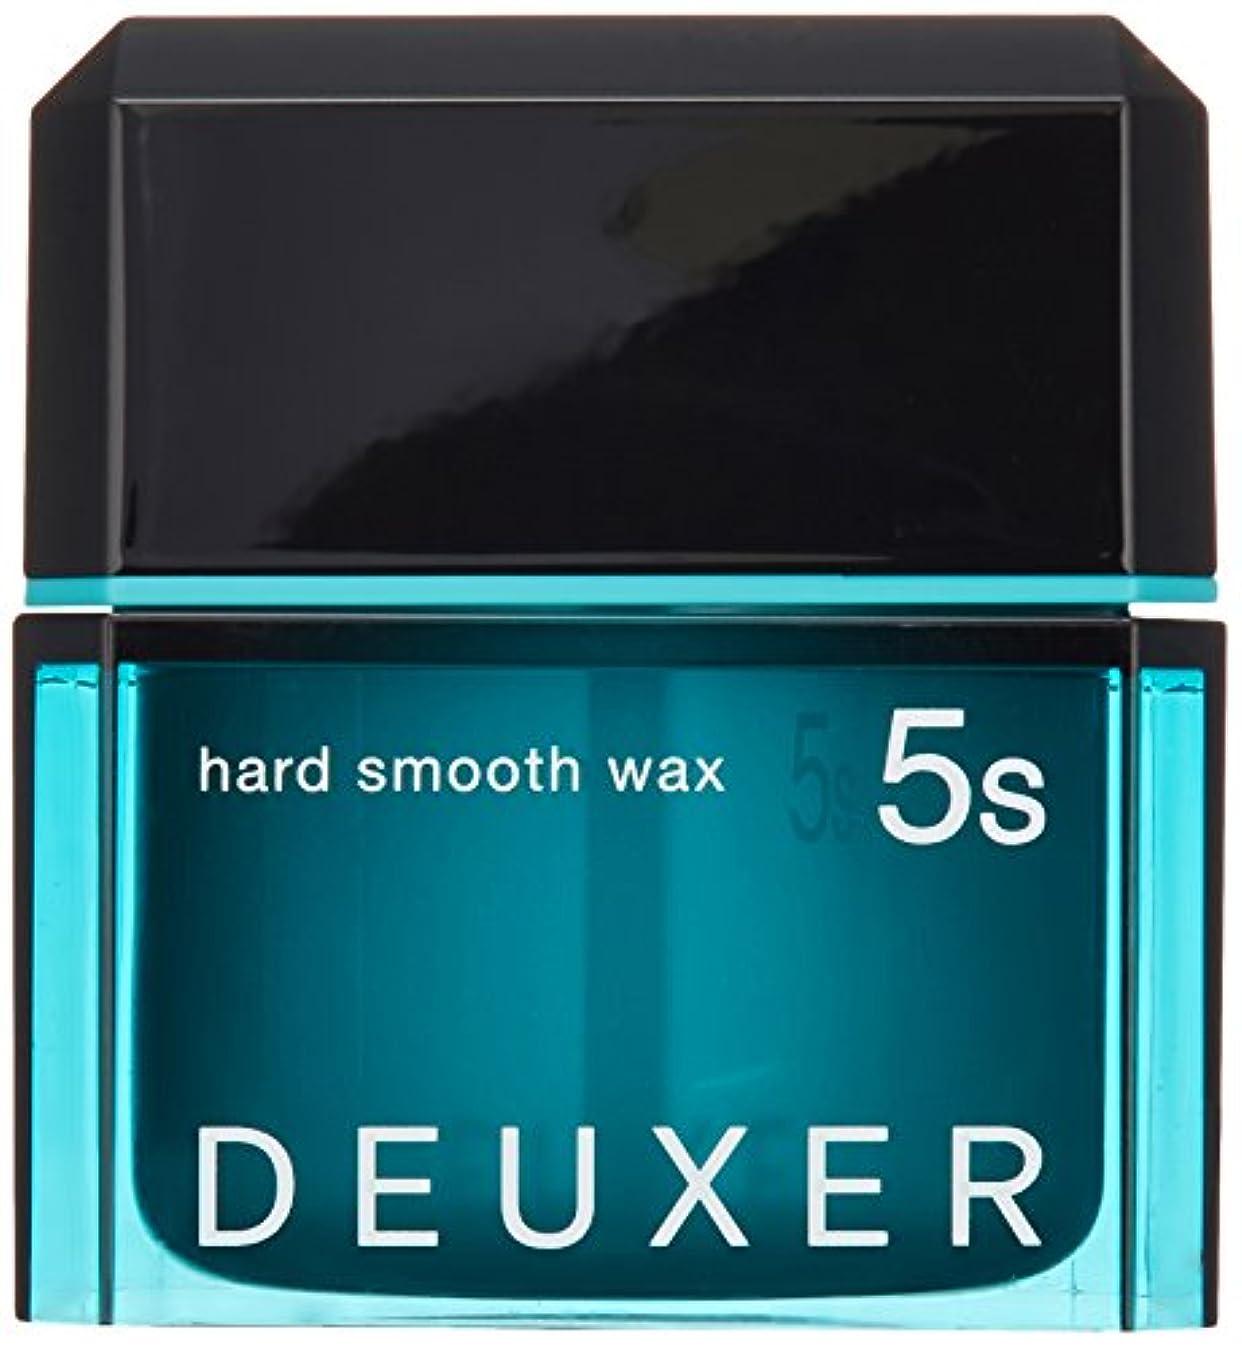 ナンバースリー DEUXER(デューサー) ハードスムースワックス 5S 80g